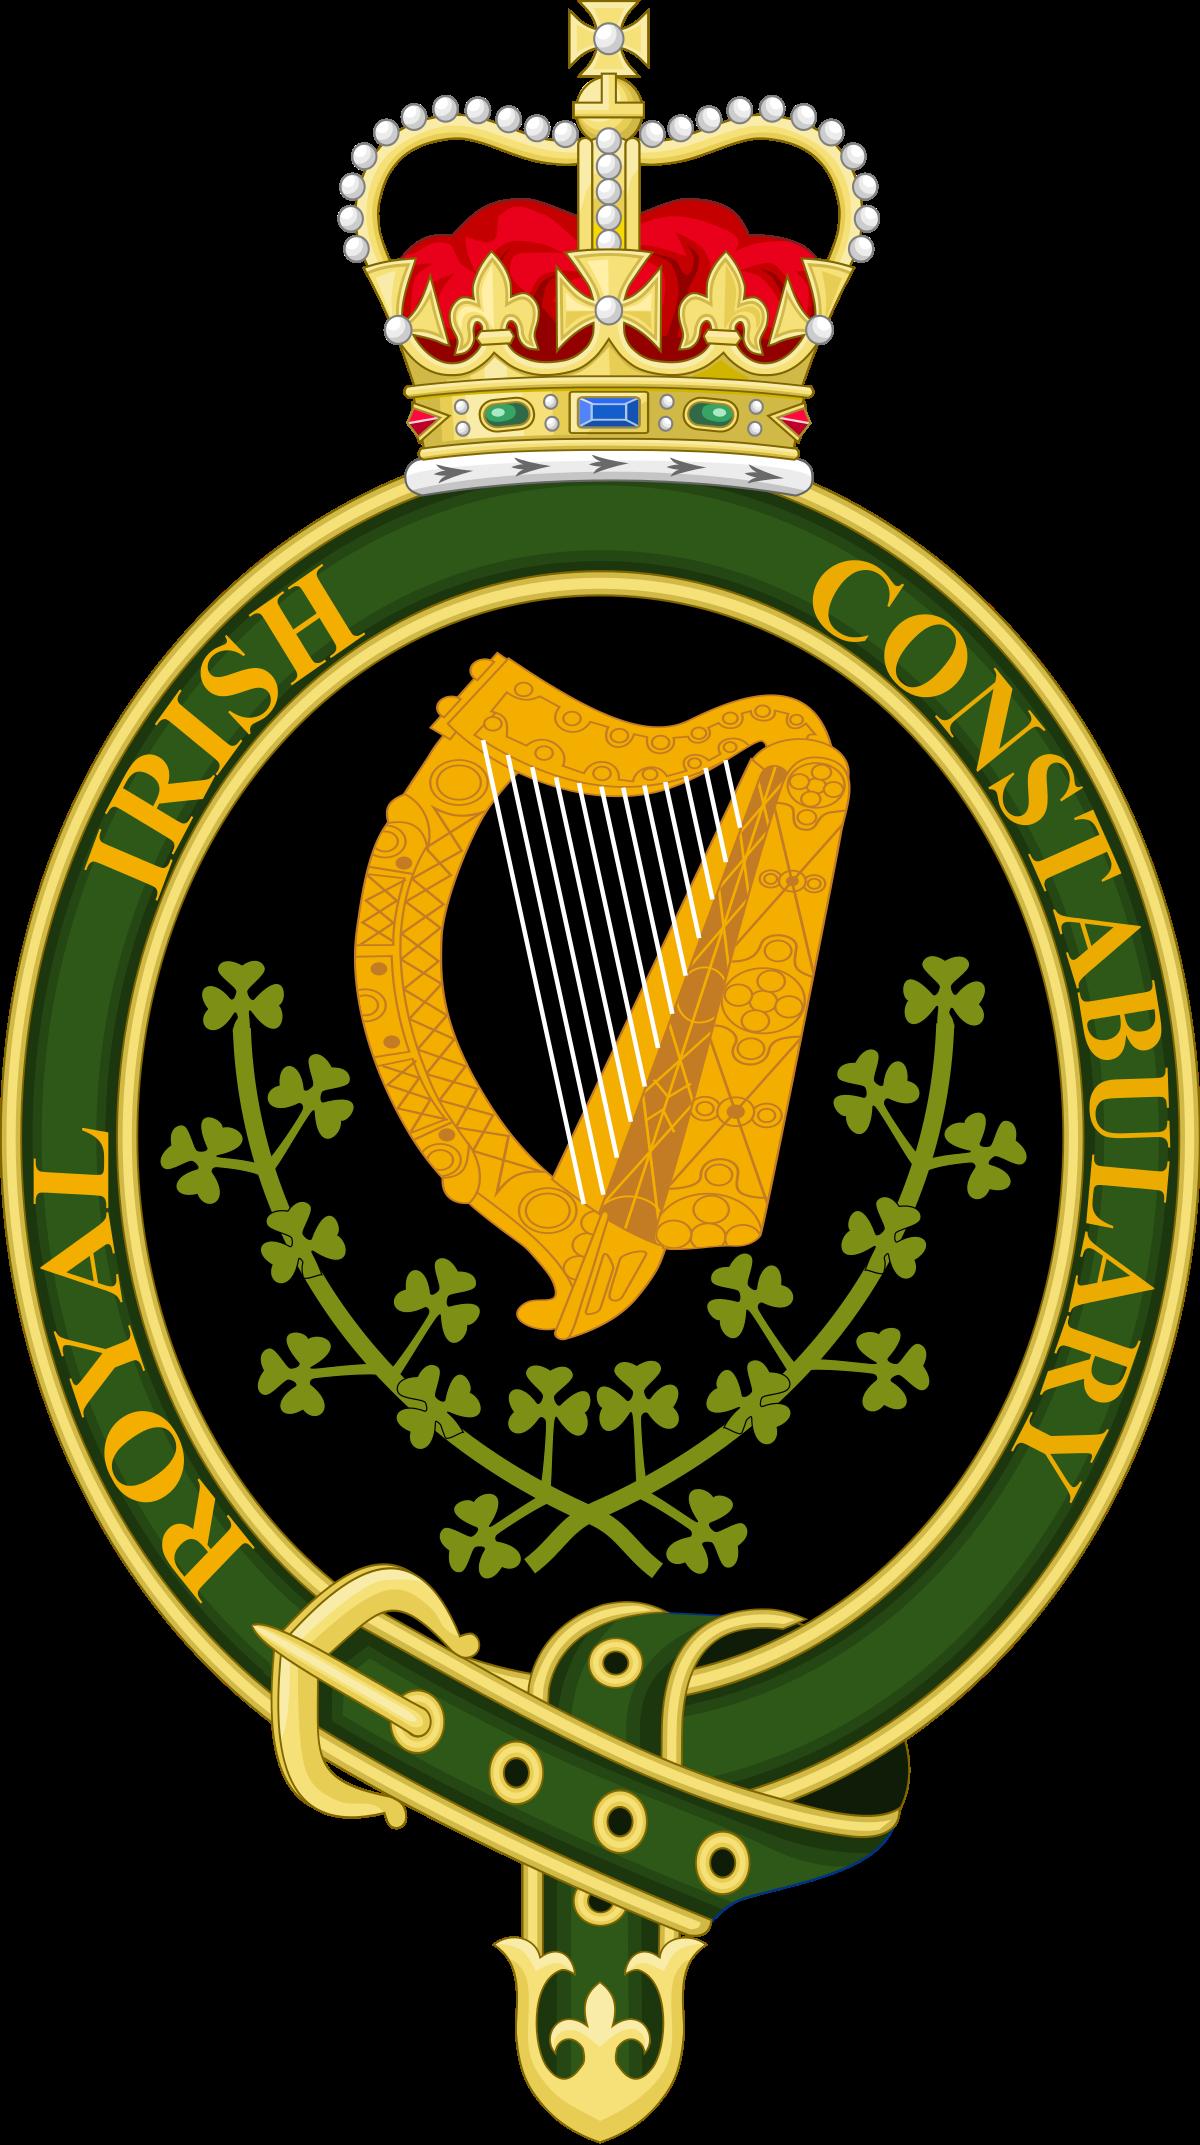 Royal Irish Constabulary.